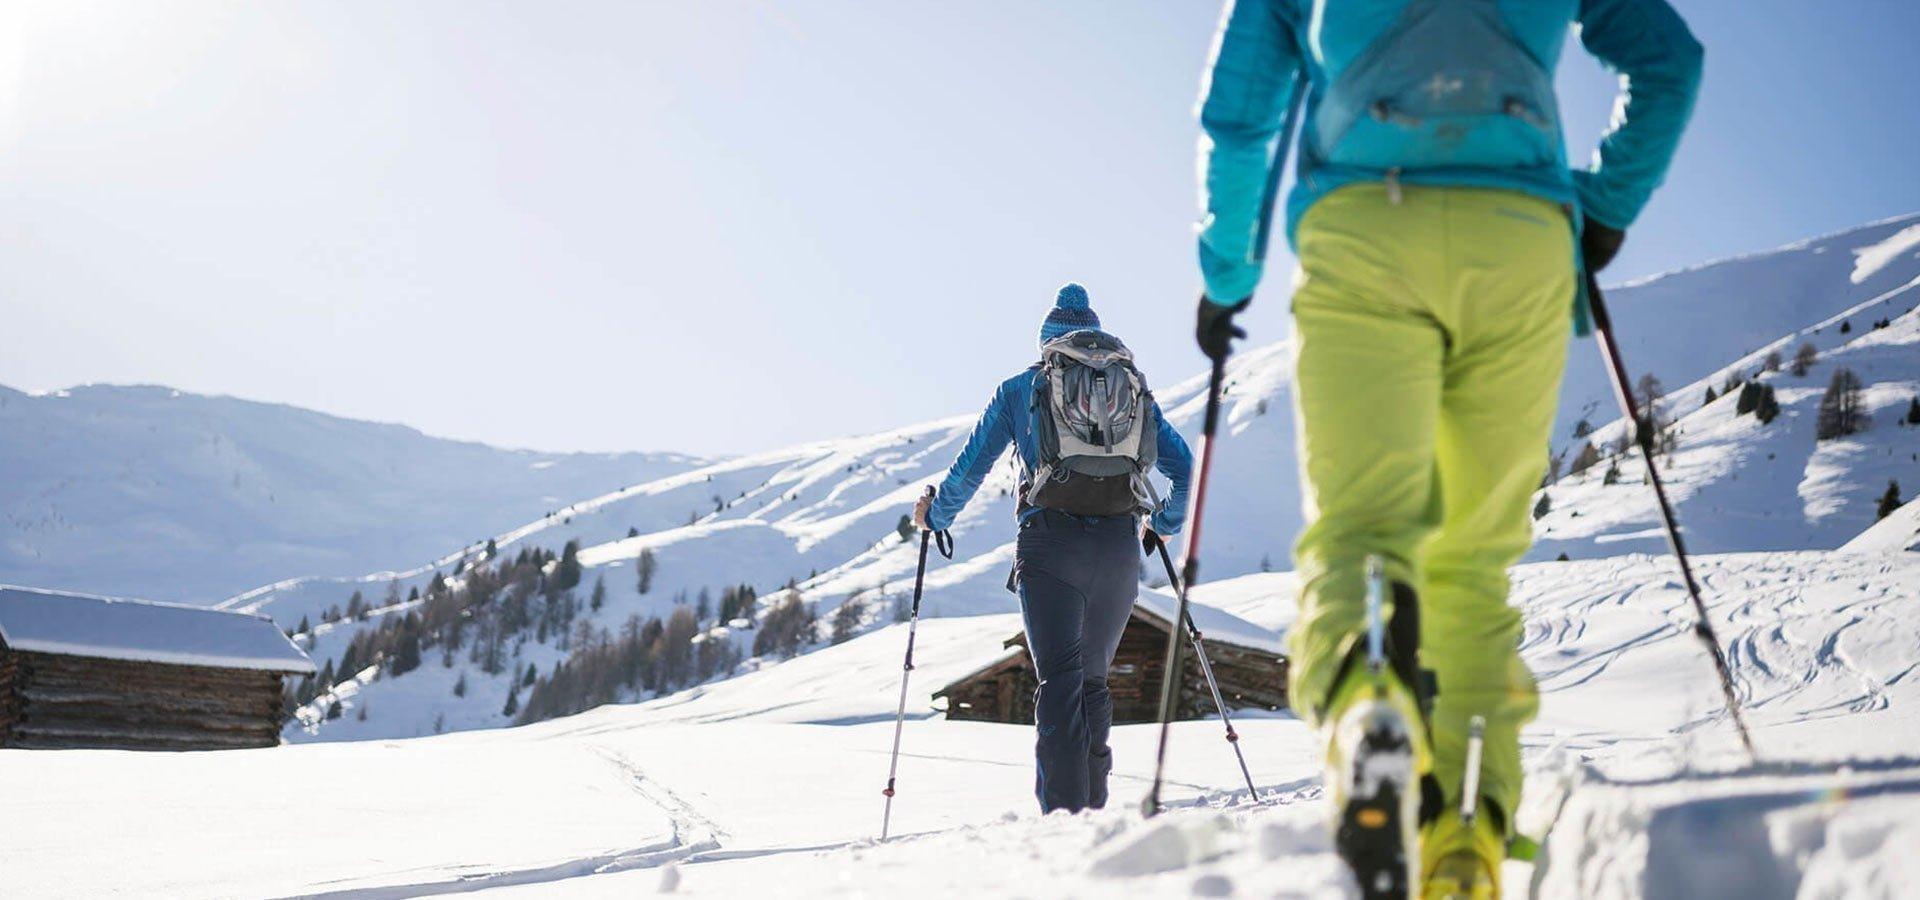 Skitouren sind ein traumhaftes und sportliches Naturereignis